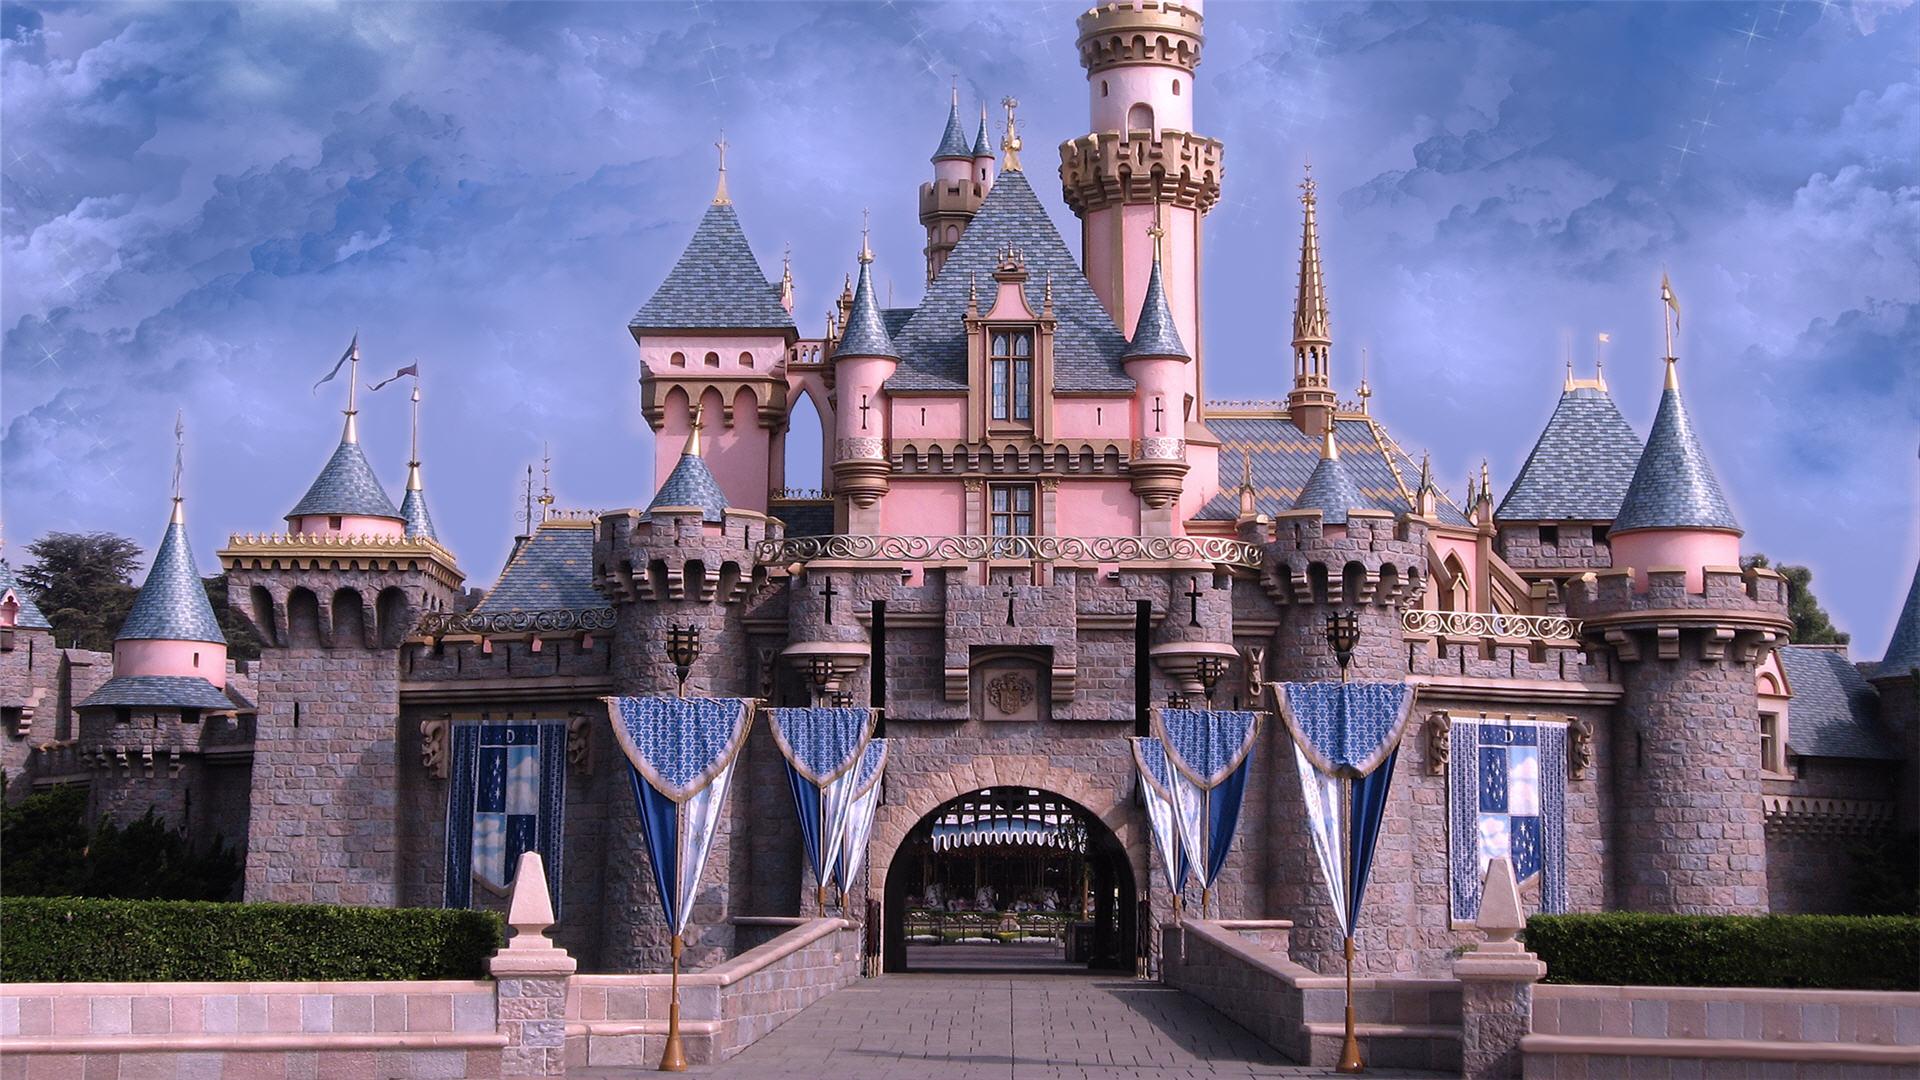 Disney Cinderella Castle Wallpaper